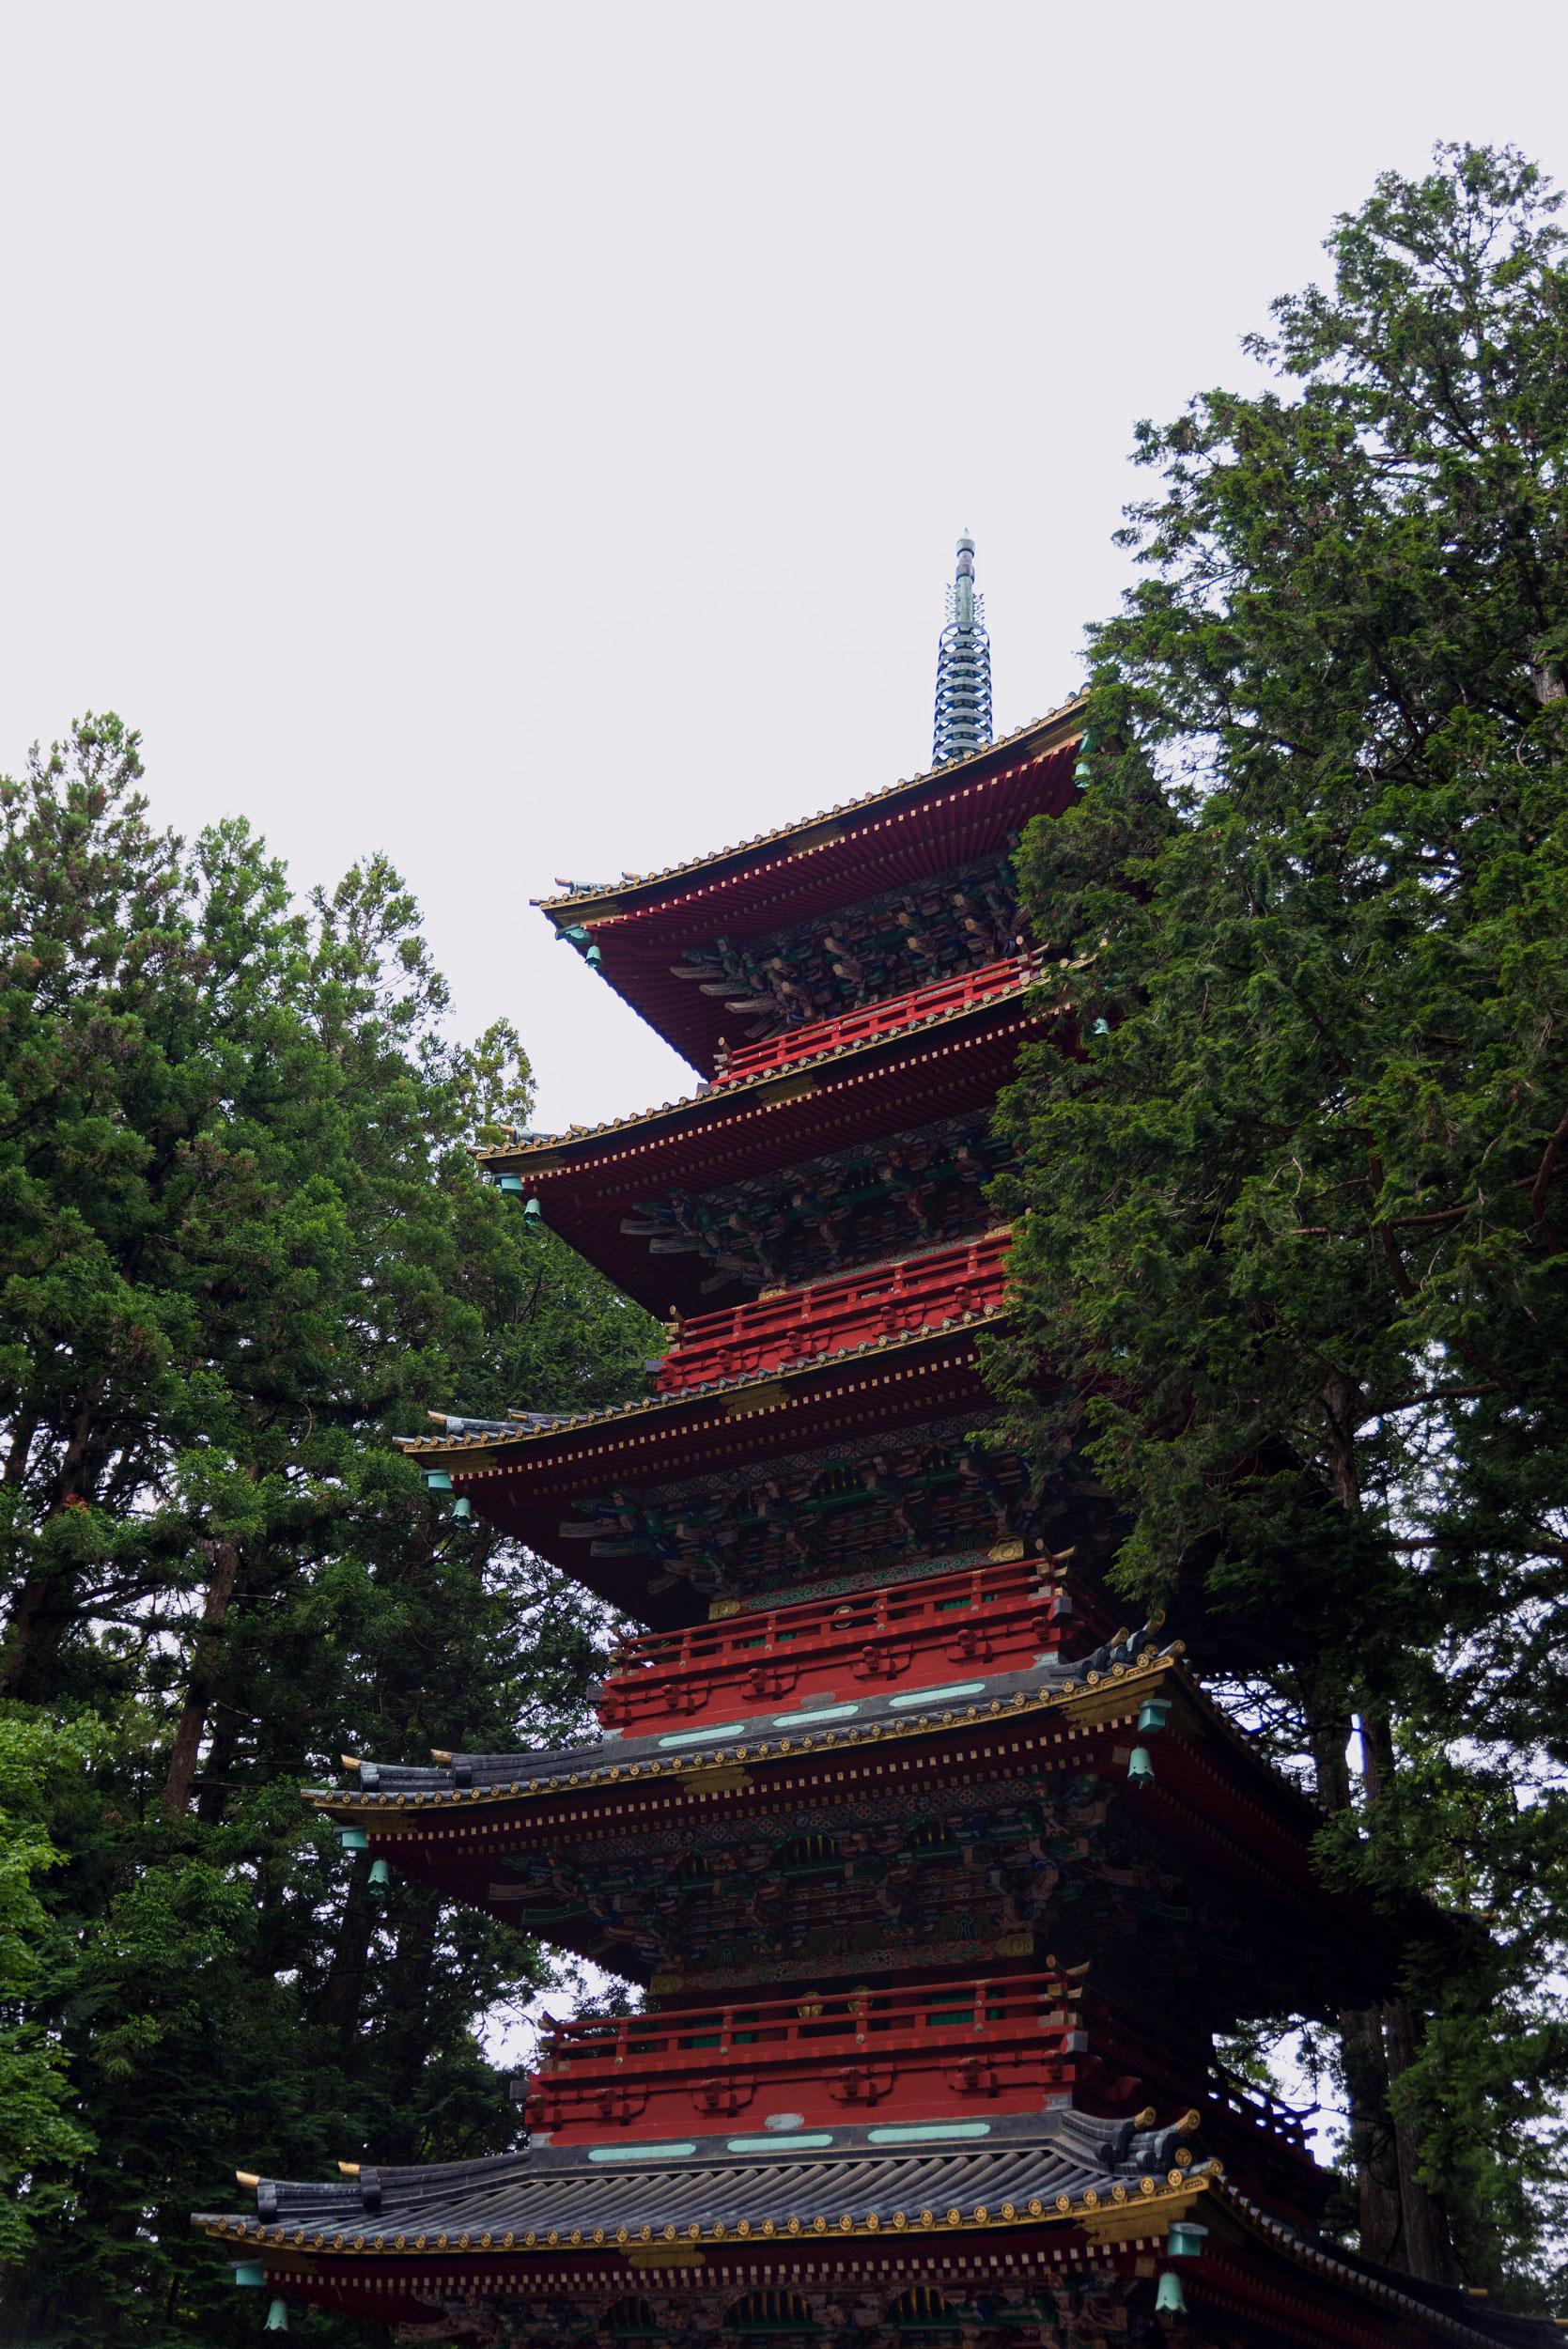 Five-story pagoda at Nikkō Tōshō-gū